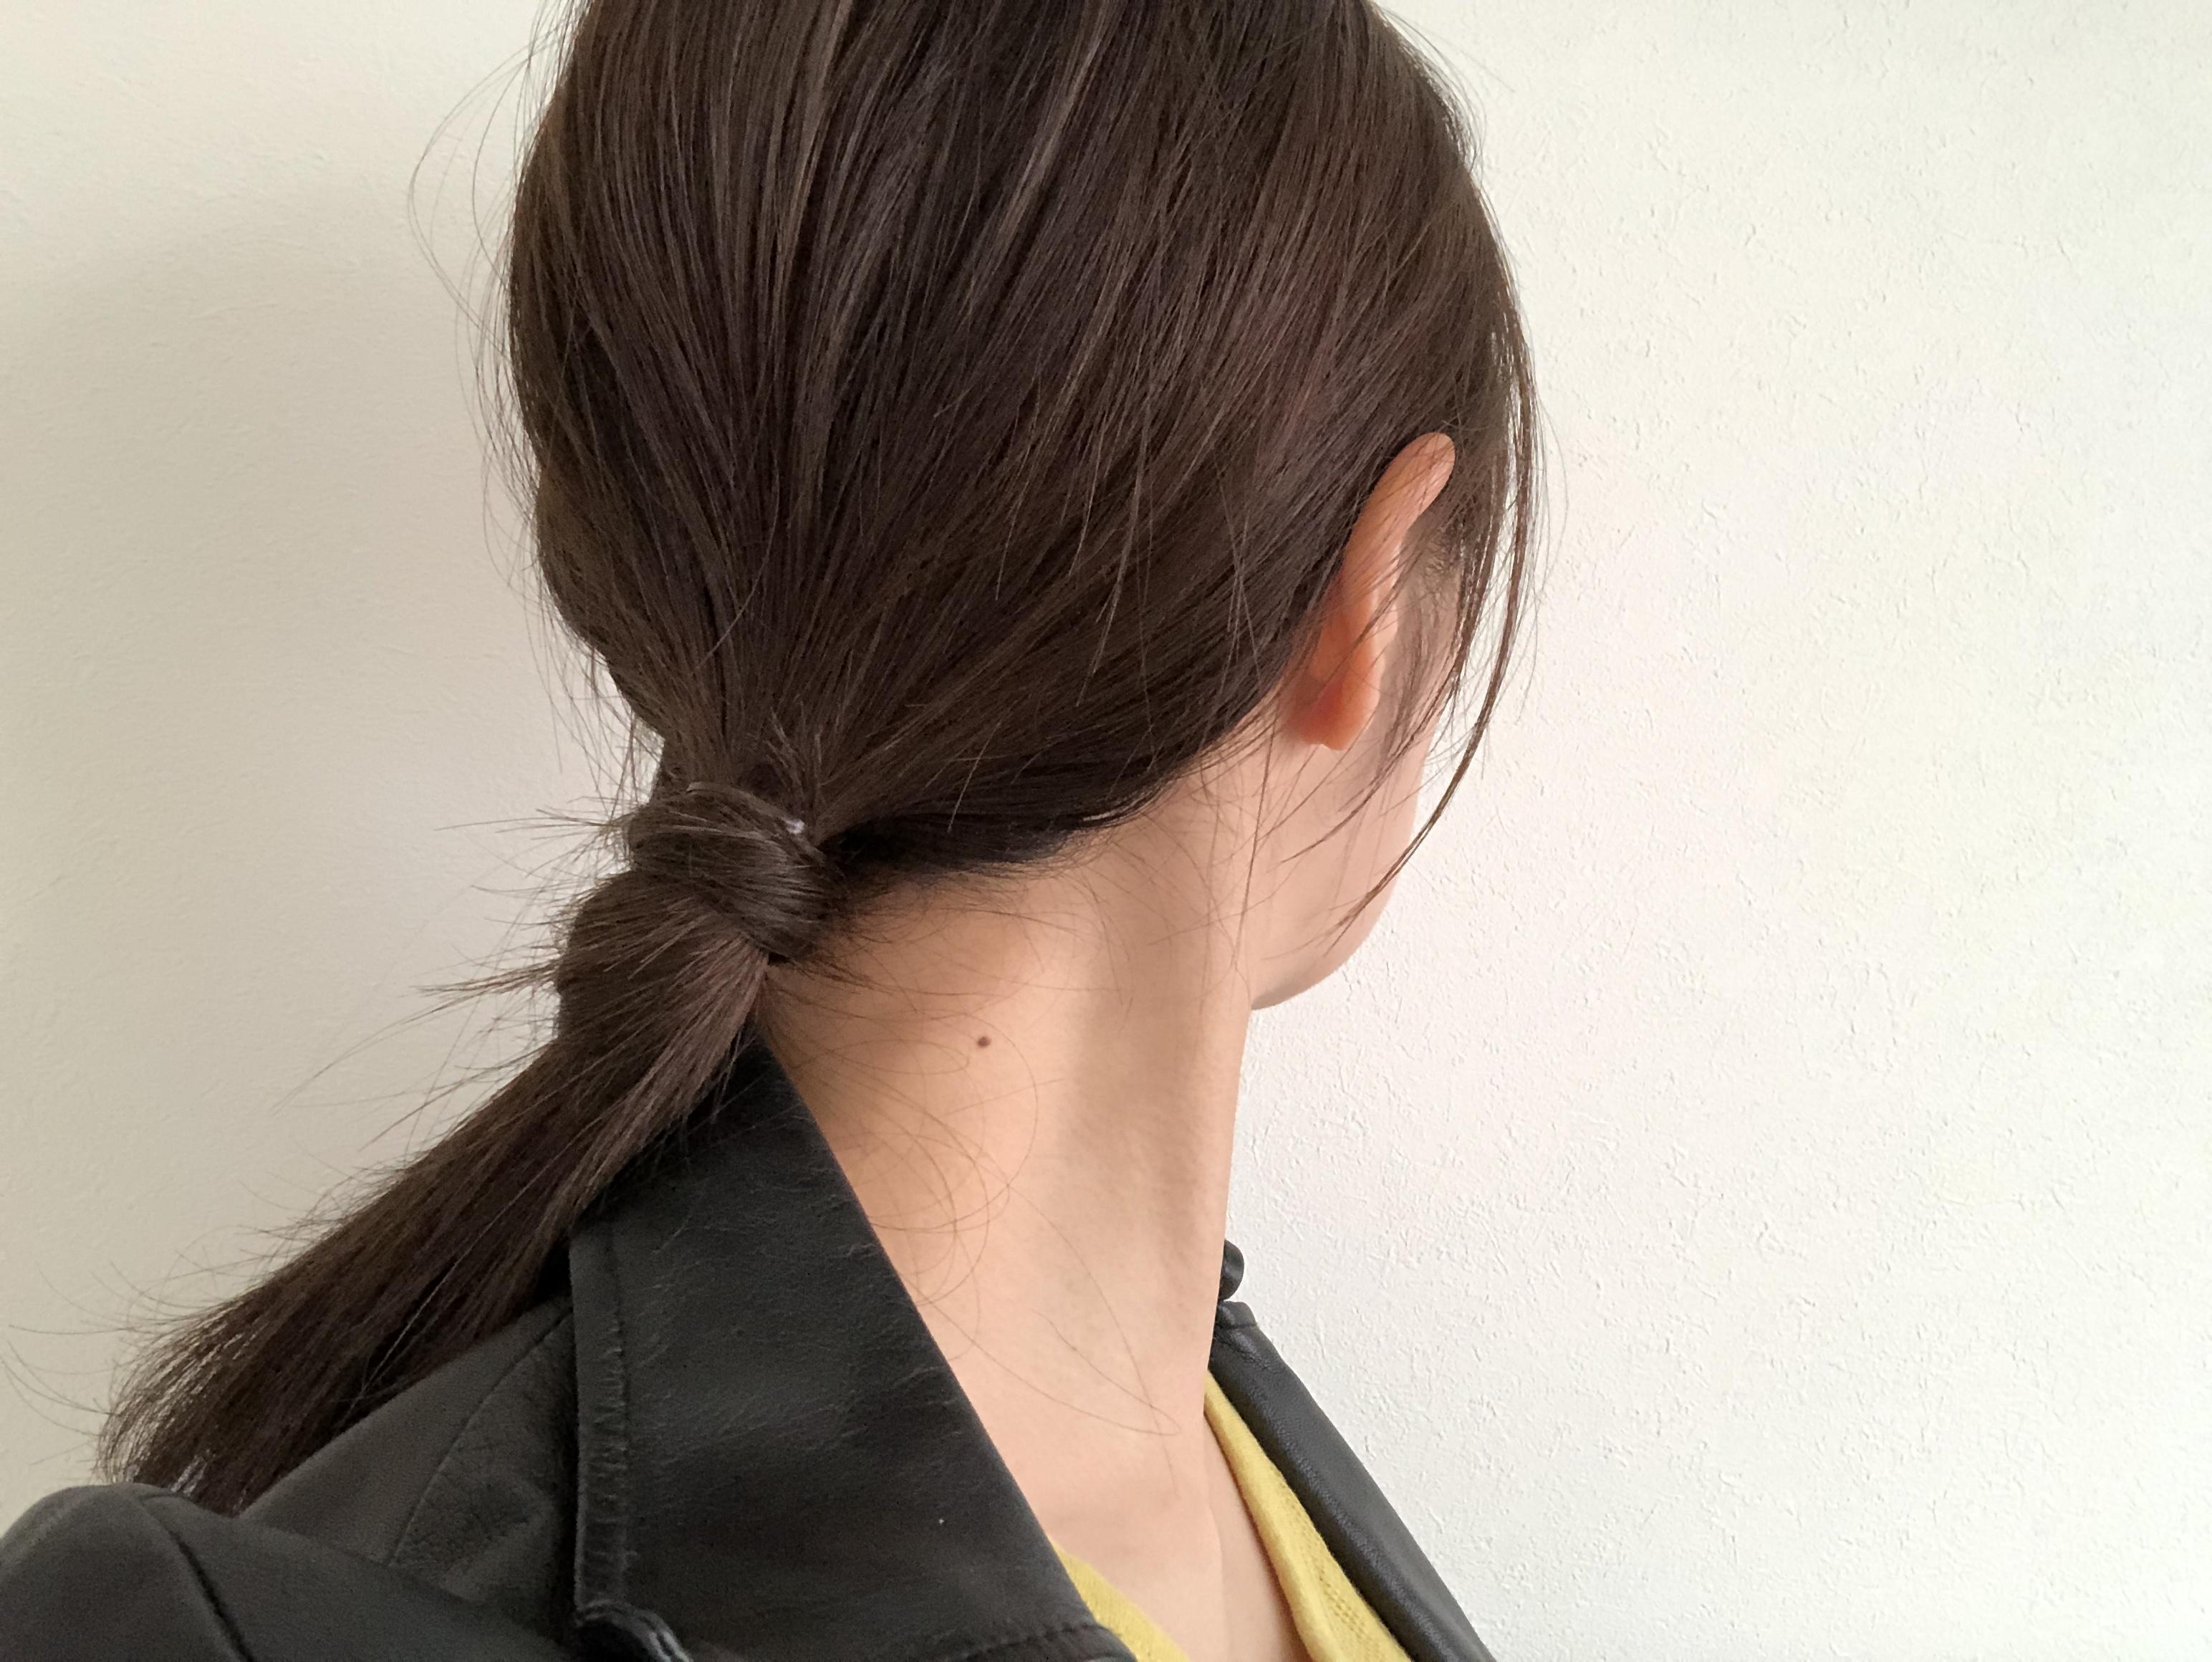 《STEPHEN KNOLL》ノンシリコンシャンプーでサラサラ髪に!女子力目覚めるいい香り!_2